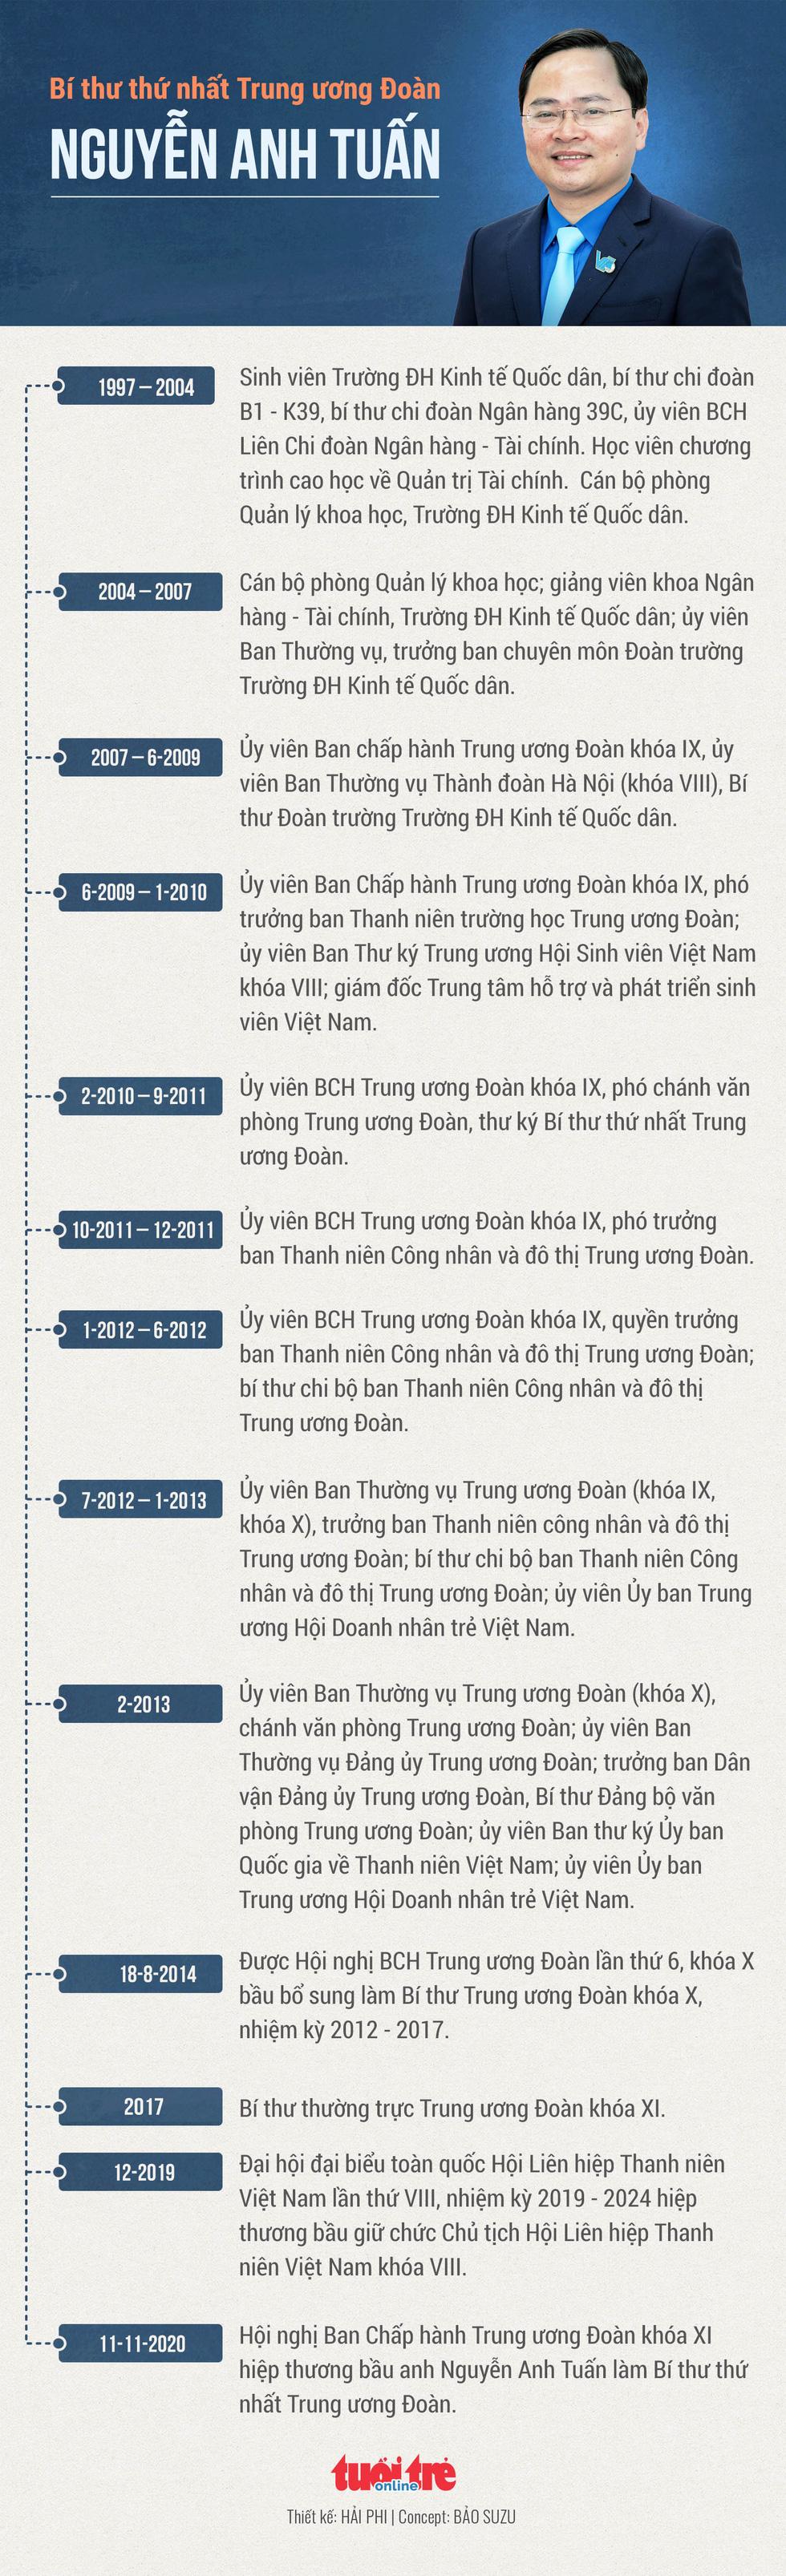 Anh Nguyễn Anh Tuấn được bầu làm bí thư thứ nhất Trung ương Đoàn - Ảnh 5.